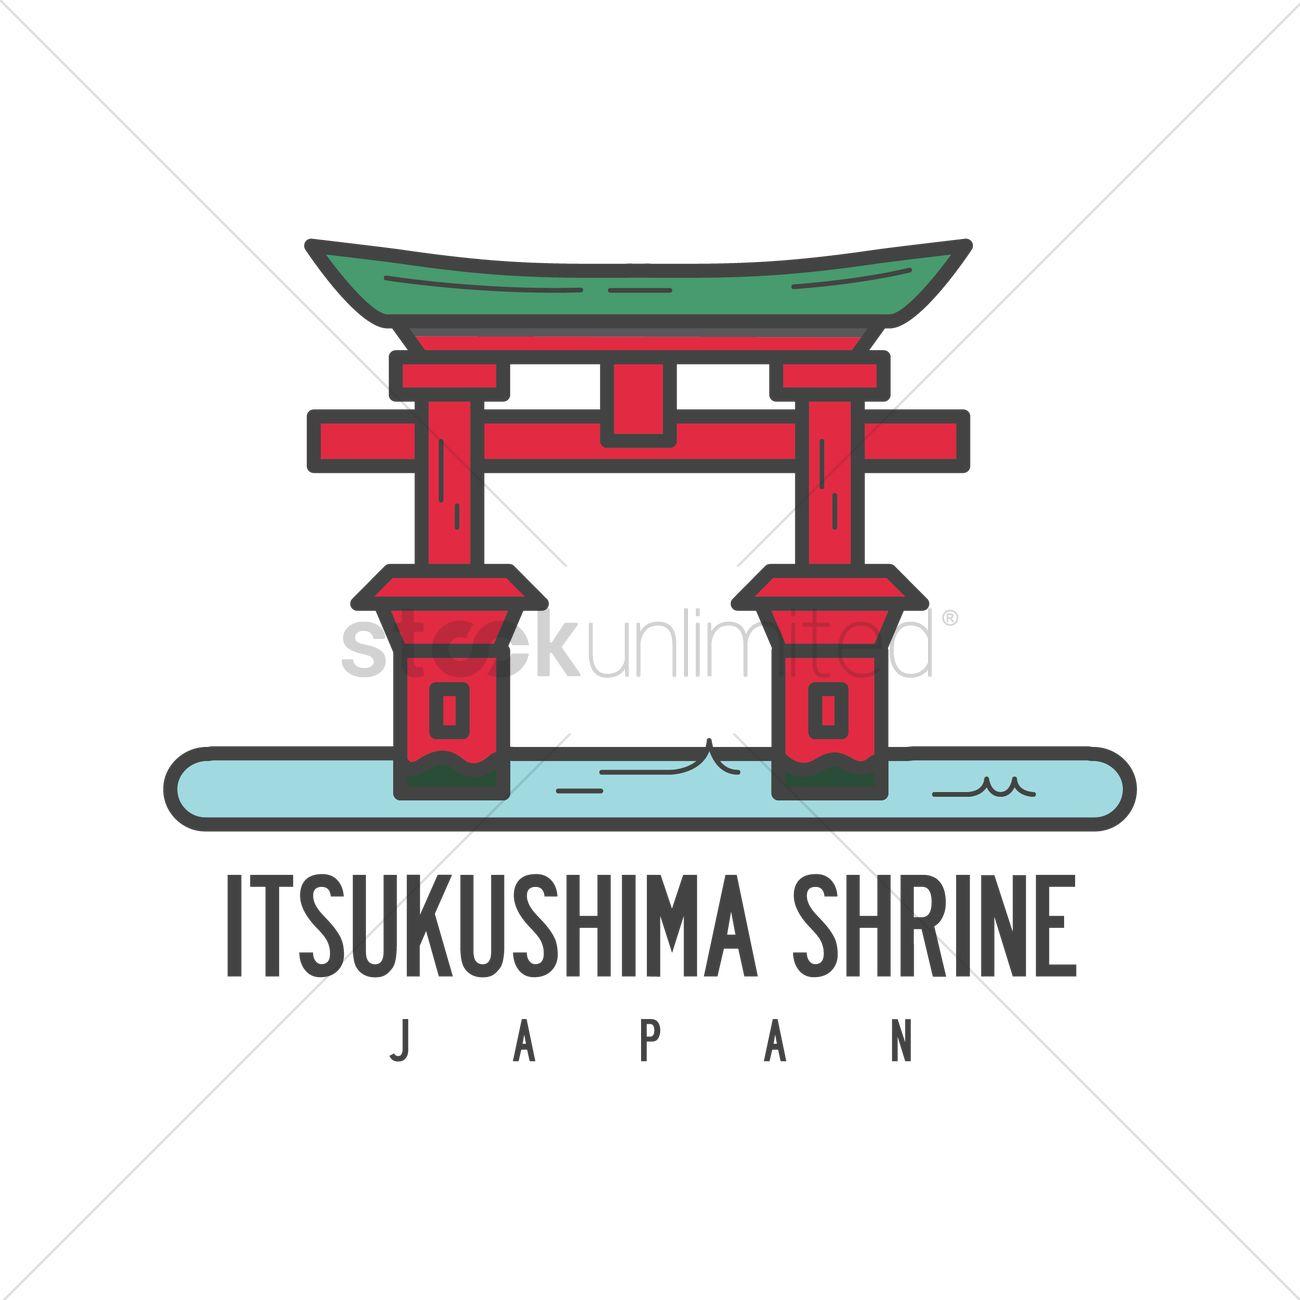 1300x1300 Itsukushima Shrine Vector Image